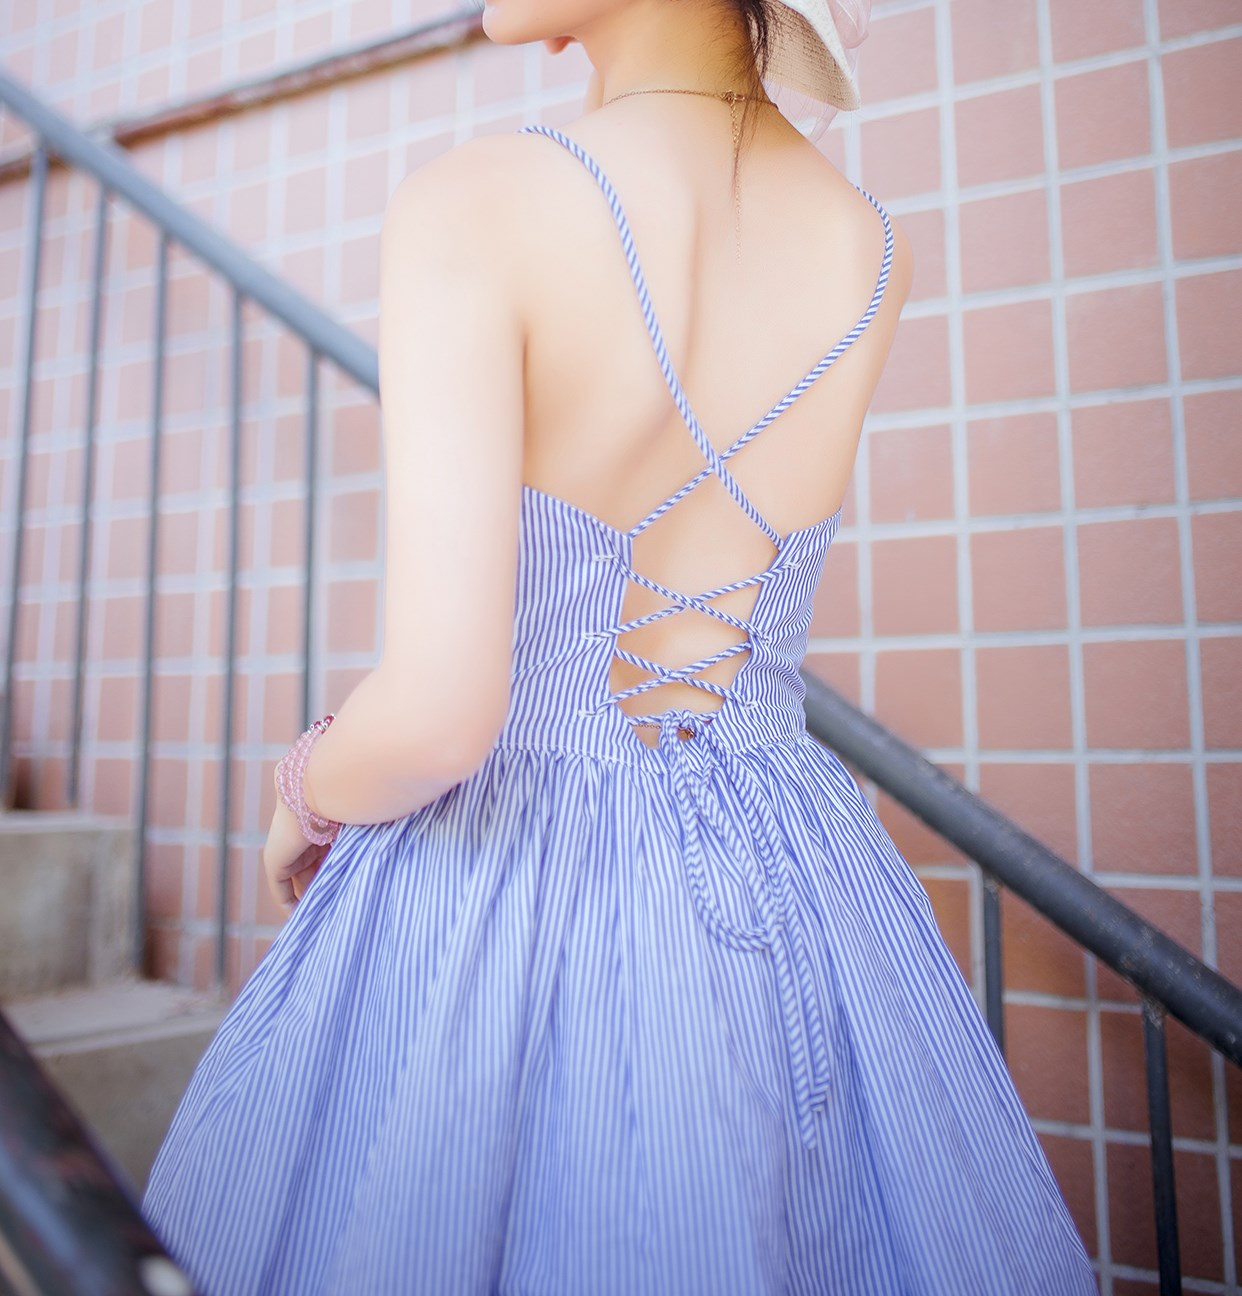 【兔玩映画】吊带裙小姐姐 兔玩映画 第35张